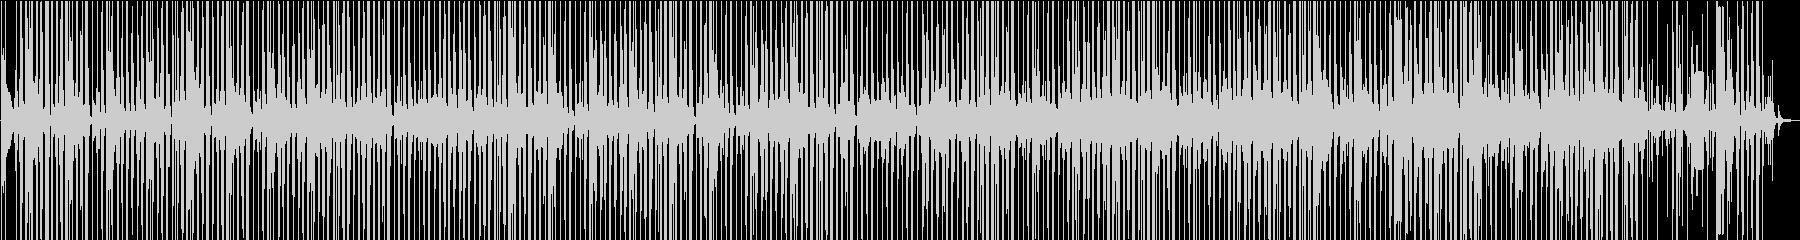 いびつなループ音楽の未再生の波形